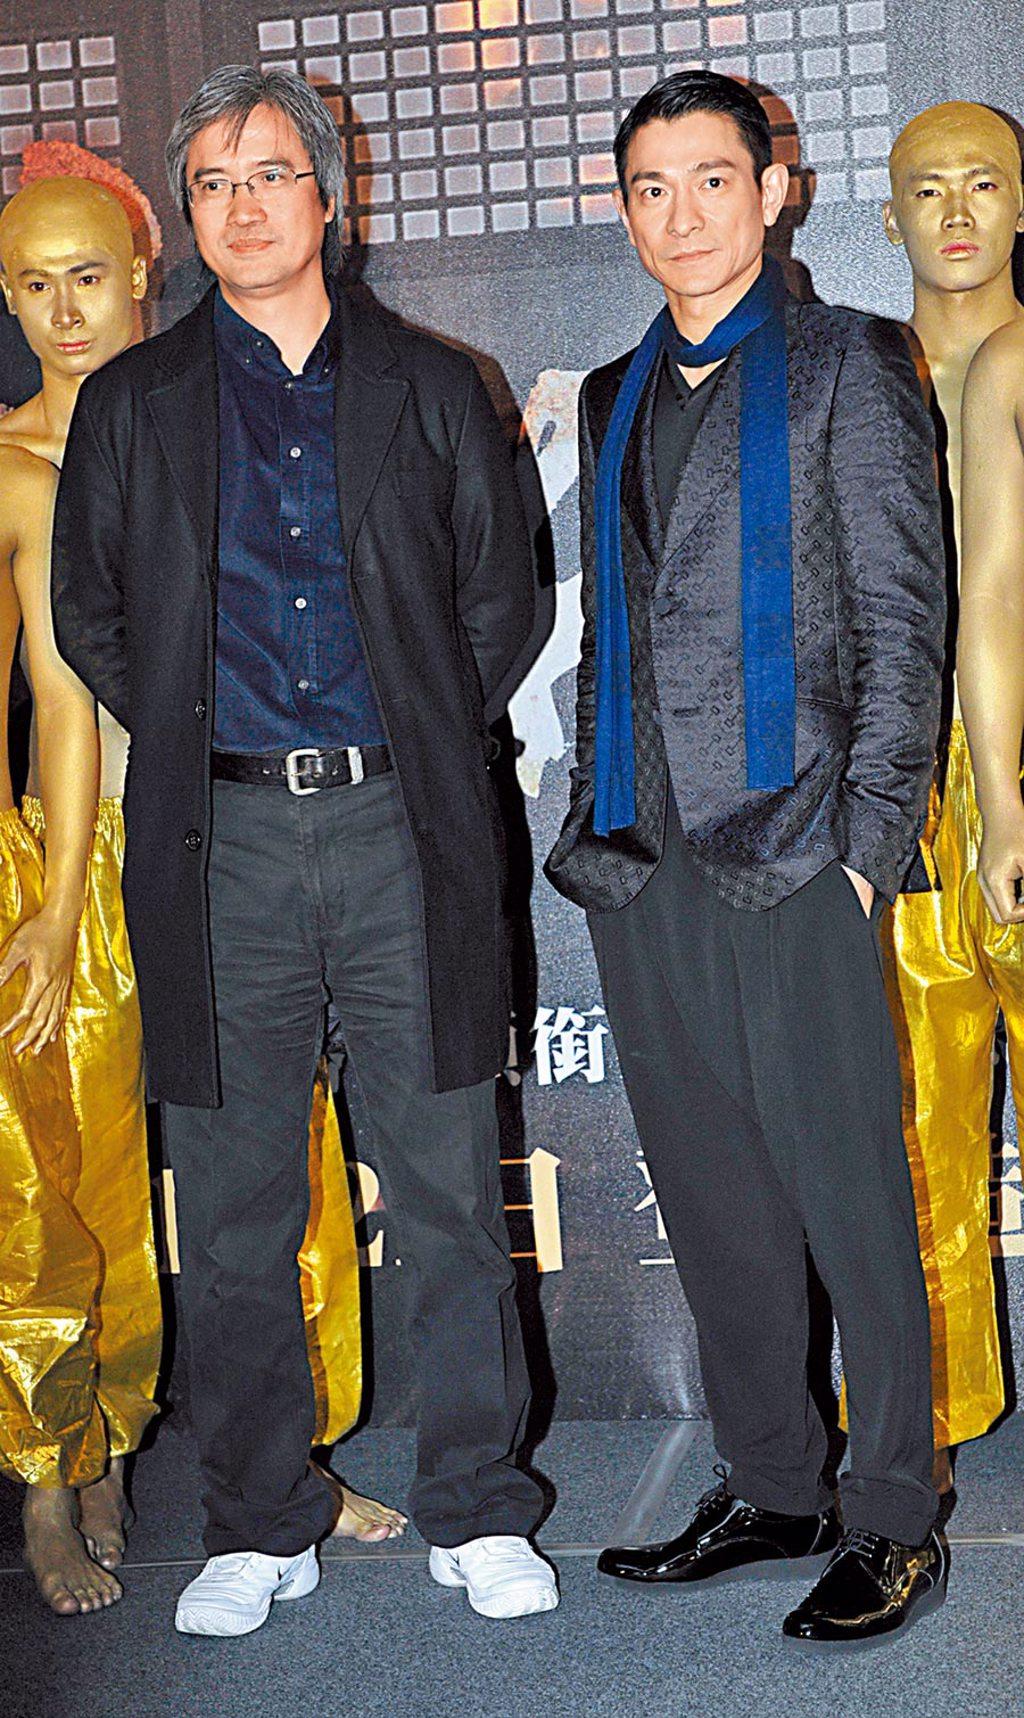 陳木勝(左)2011年曾與劉德華來台灣宣傳《新少林寺》。(資料照片)